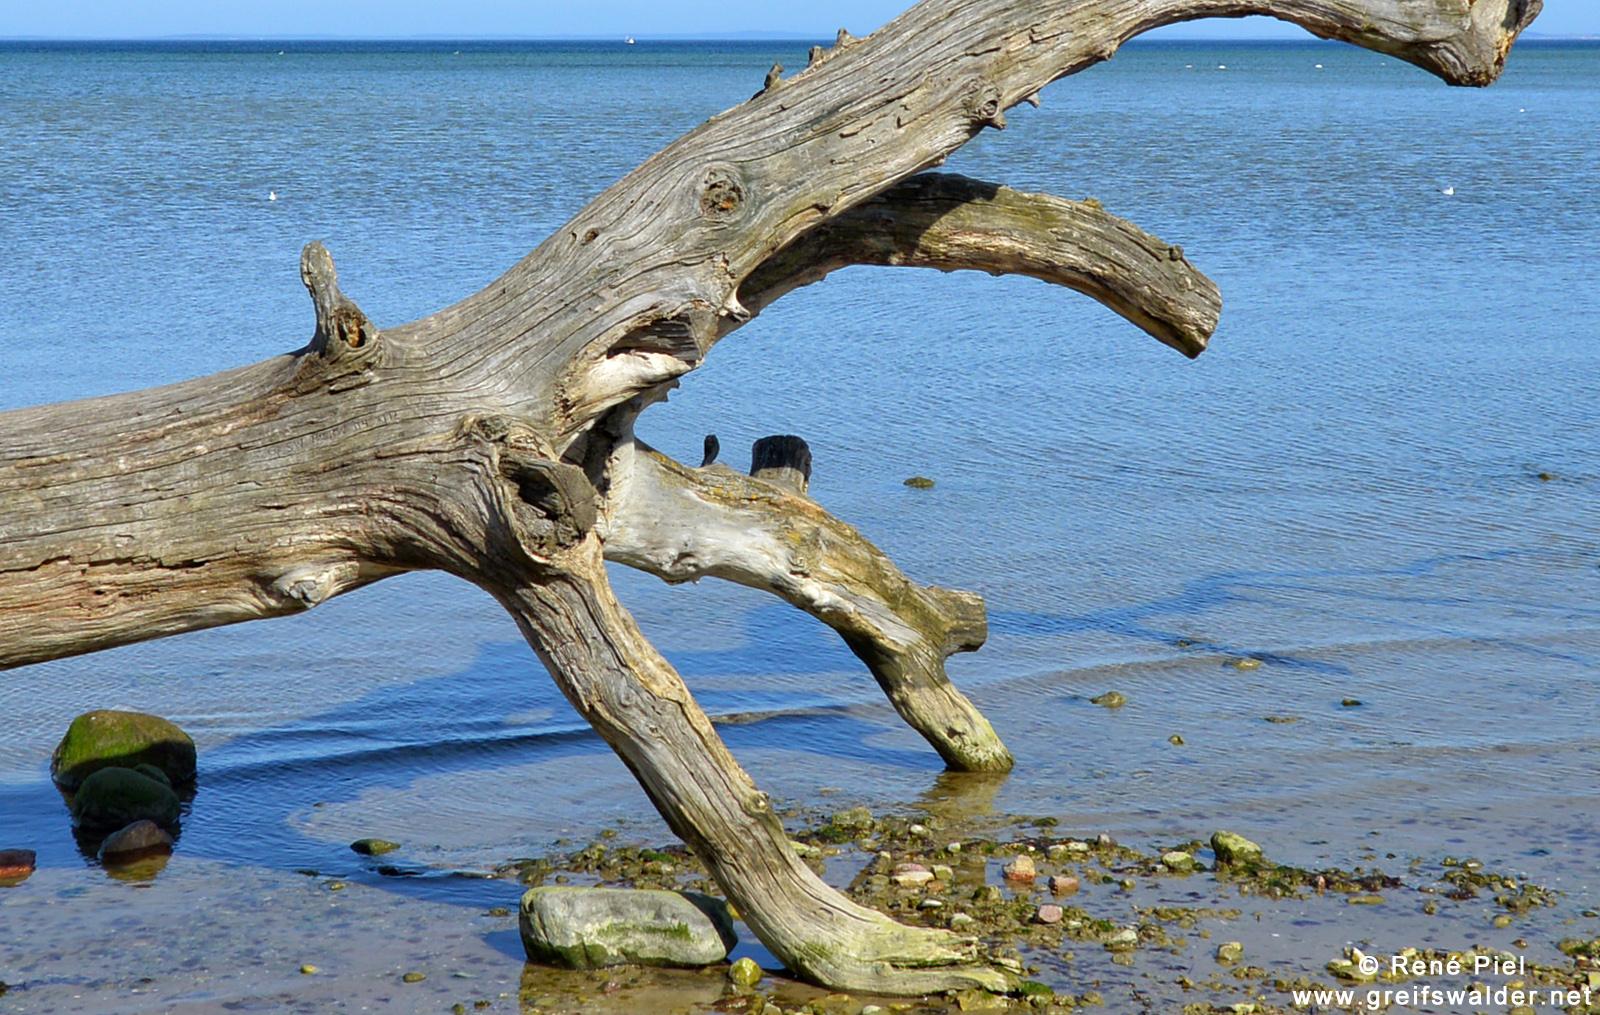 Strand am Greifswalder Bodden bei Loissin